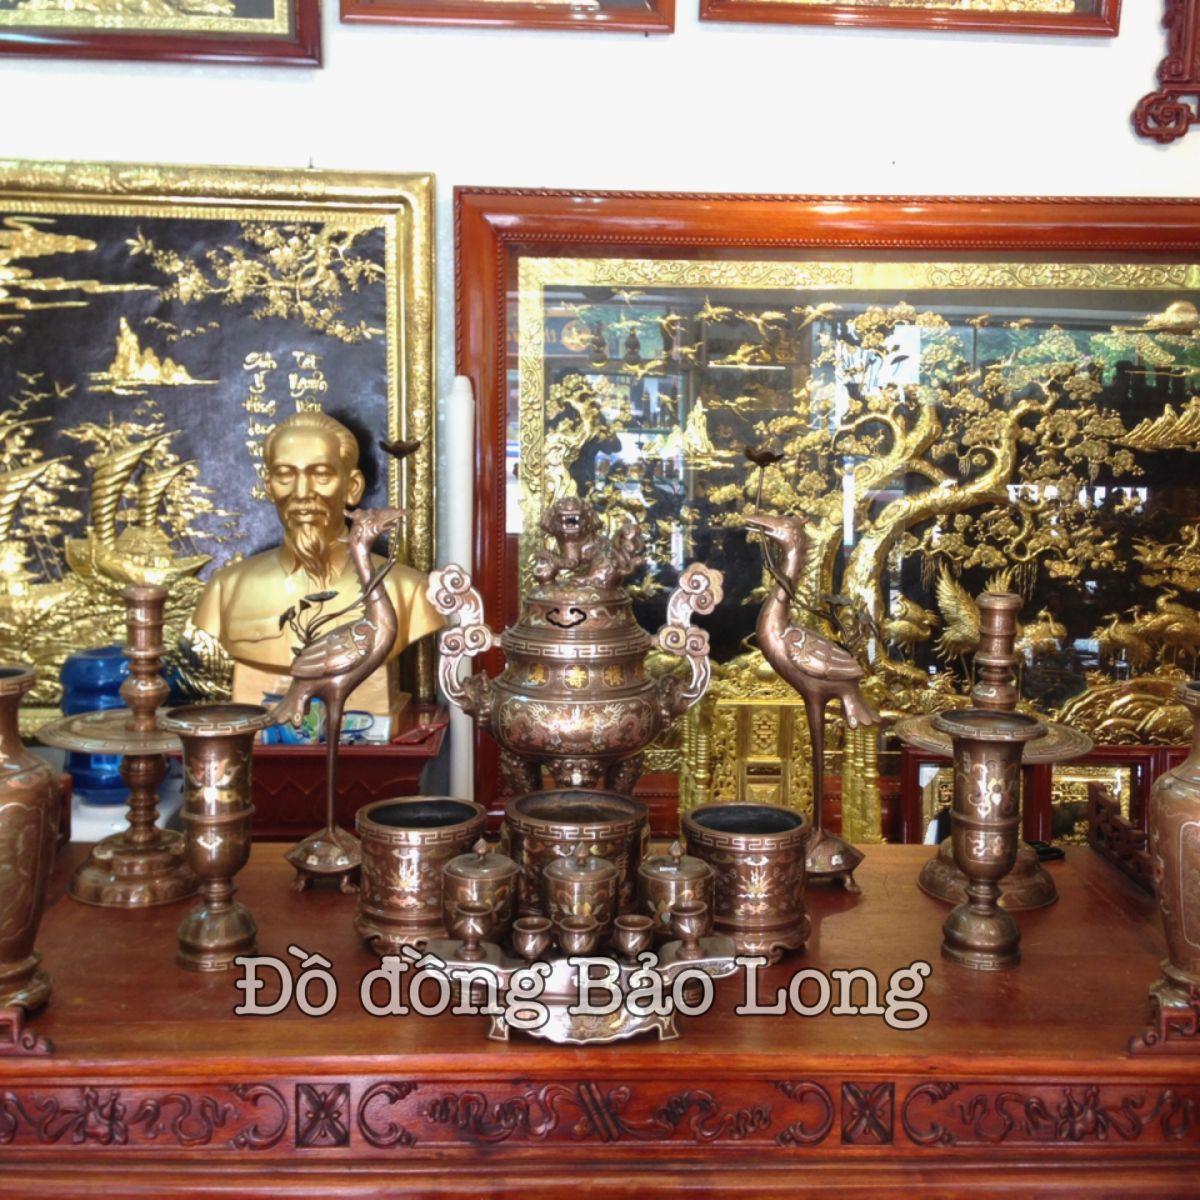 Cửa hàng, nơi bán lư đồng, đồ thờ phụng tại Sài Gòn TP Hồ Chí Minh